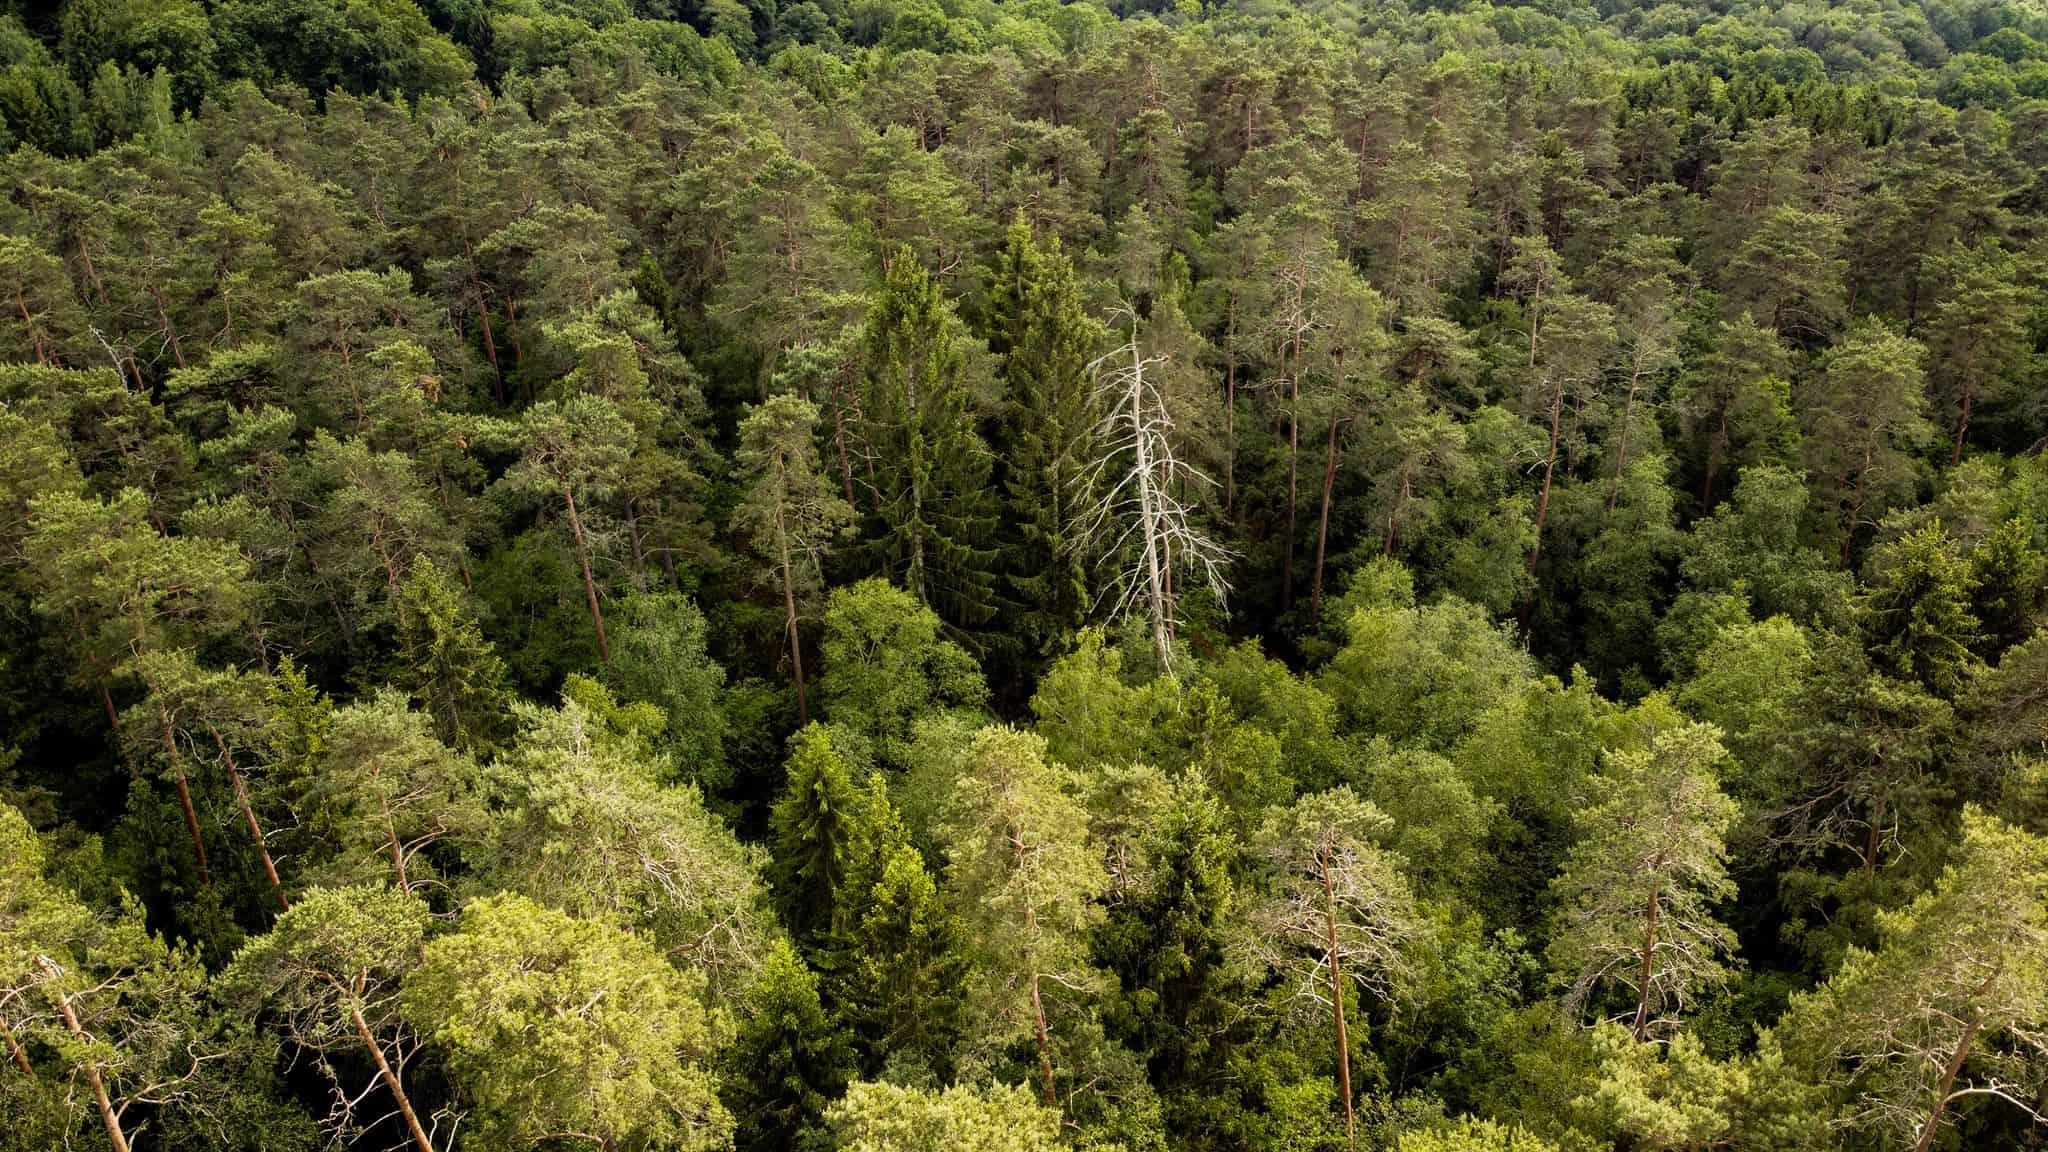 un million d'arbreset 4000 km de haies